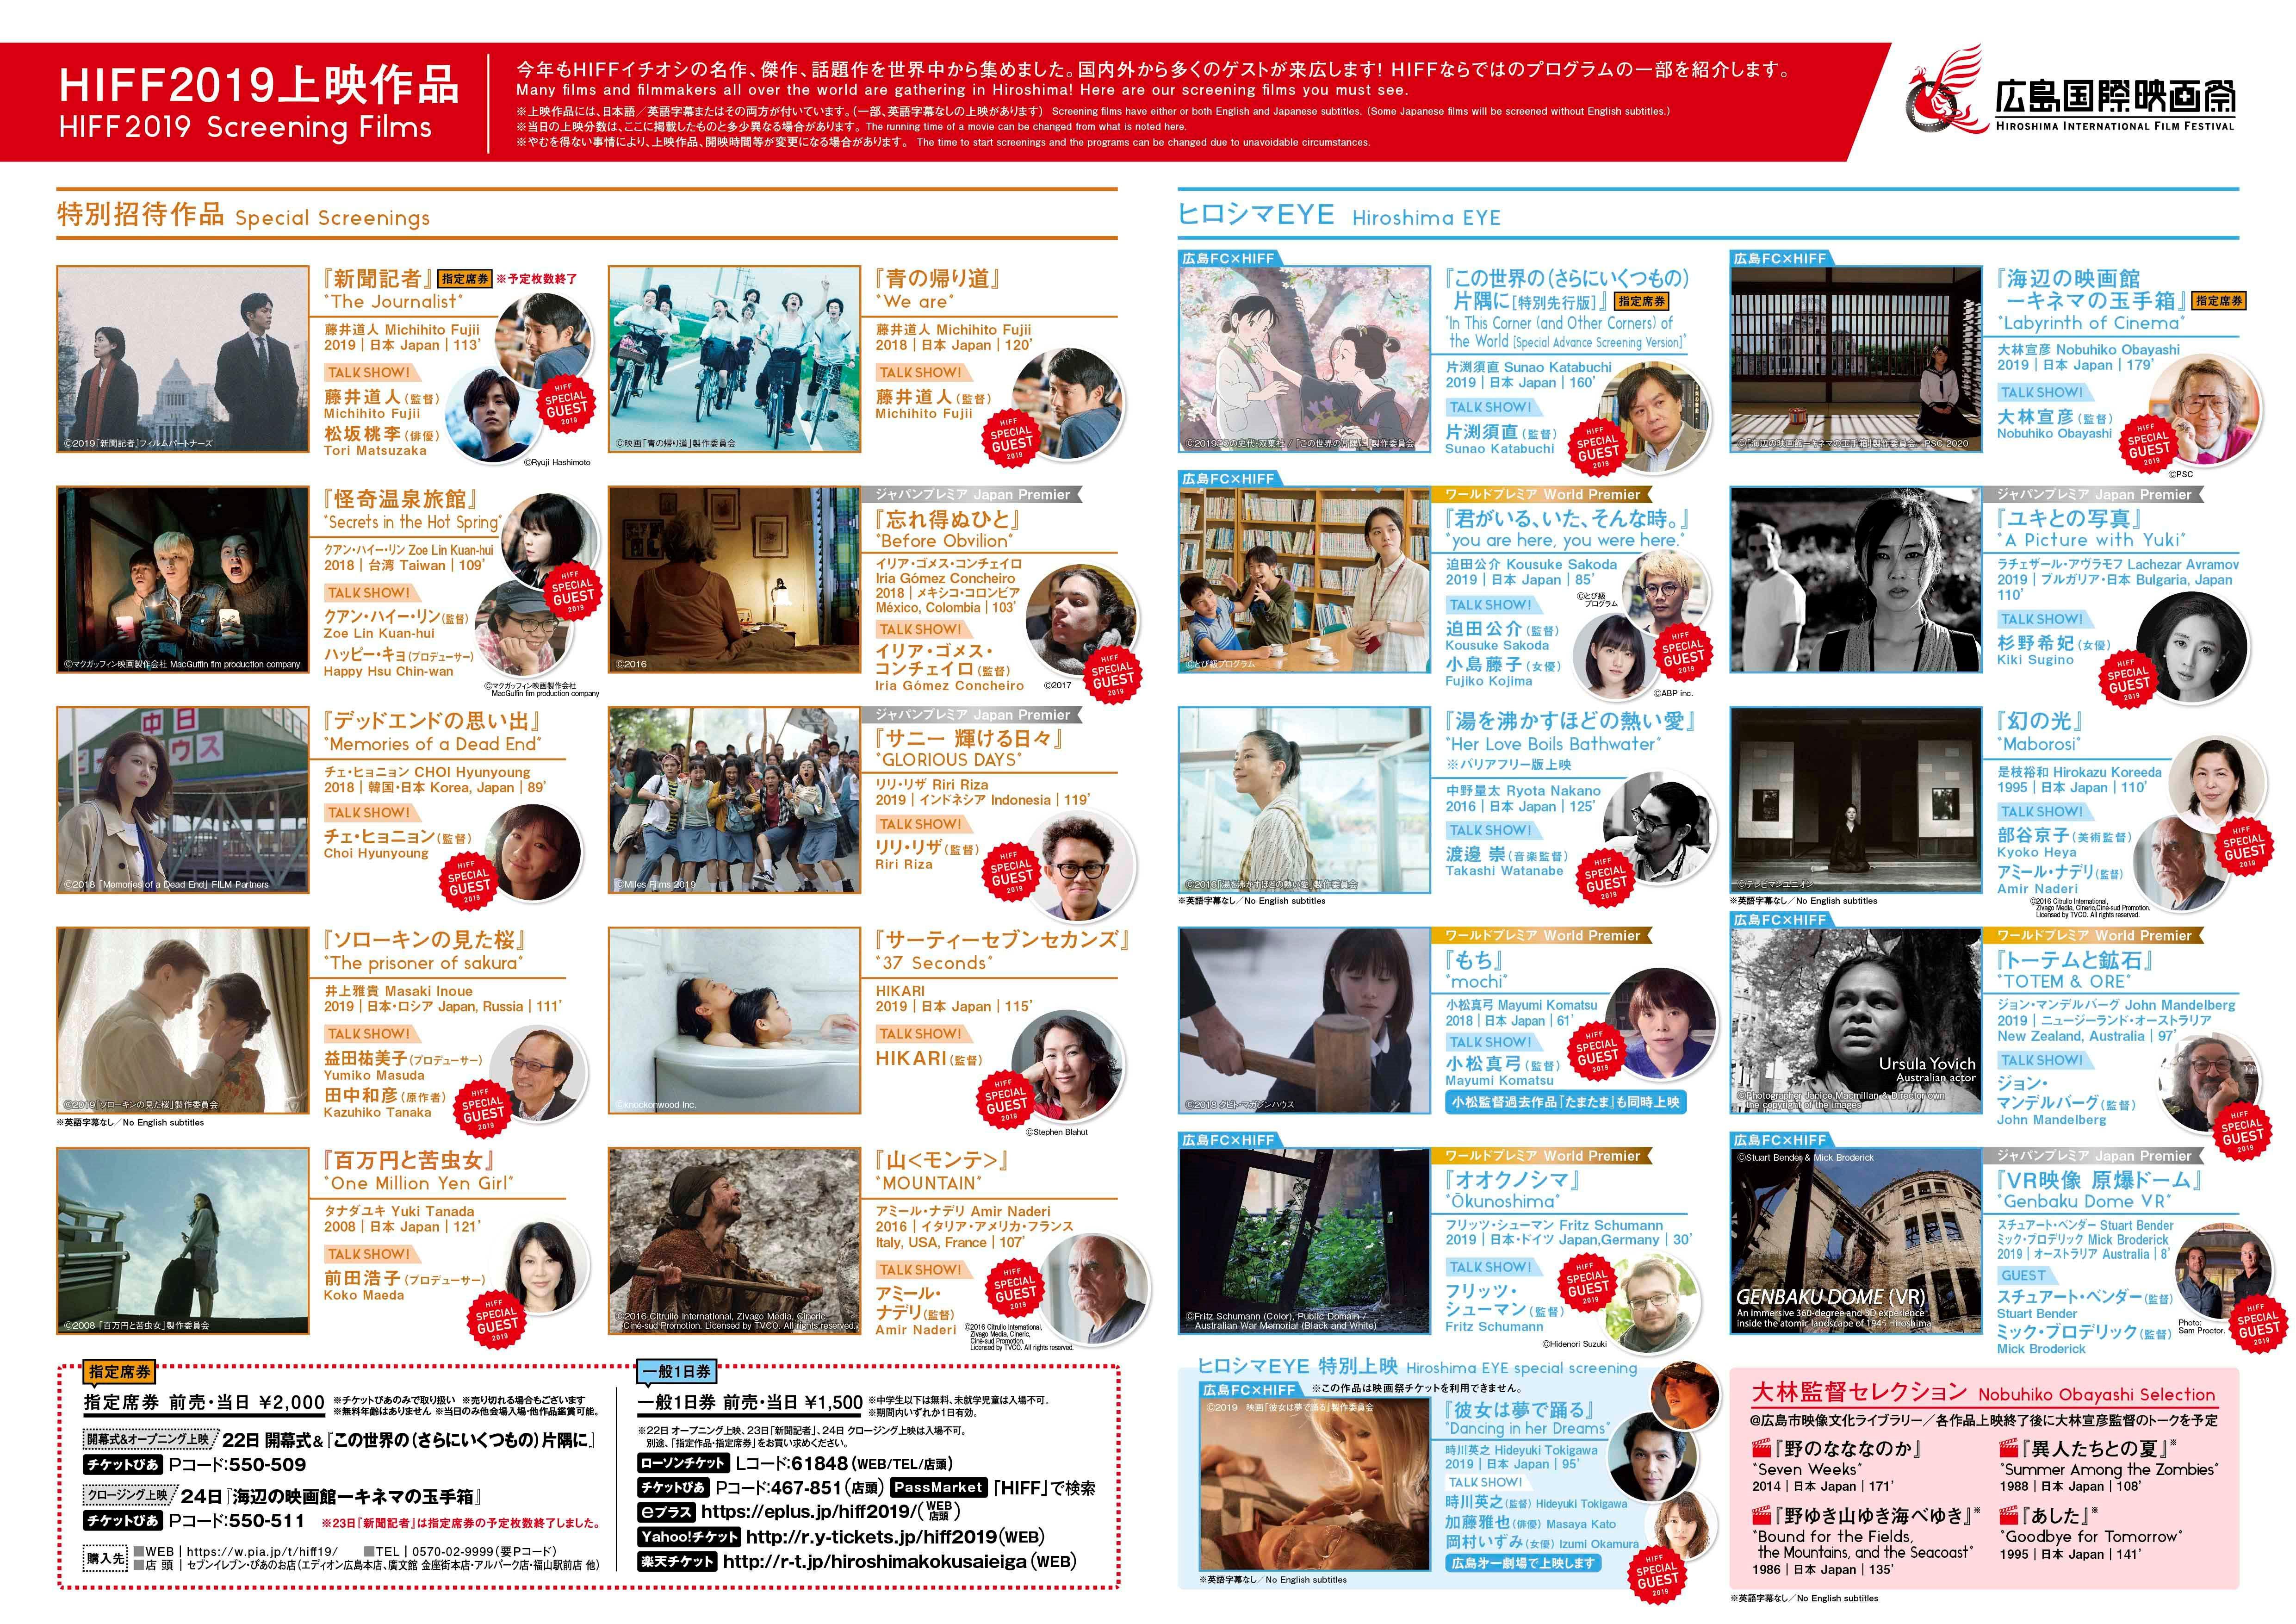 映画祭リーフレットデータ2.jpg